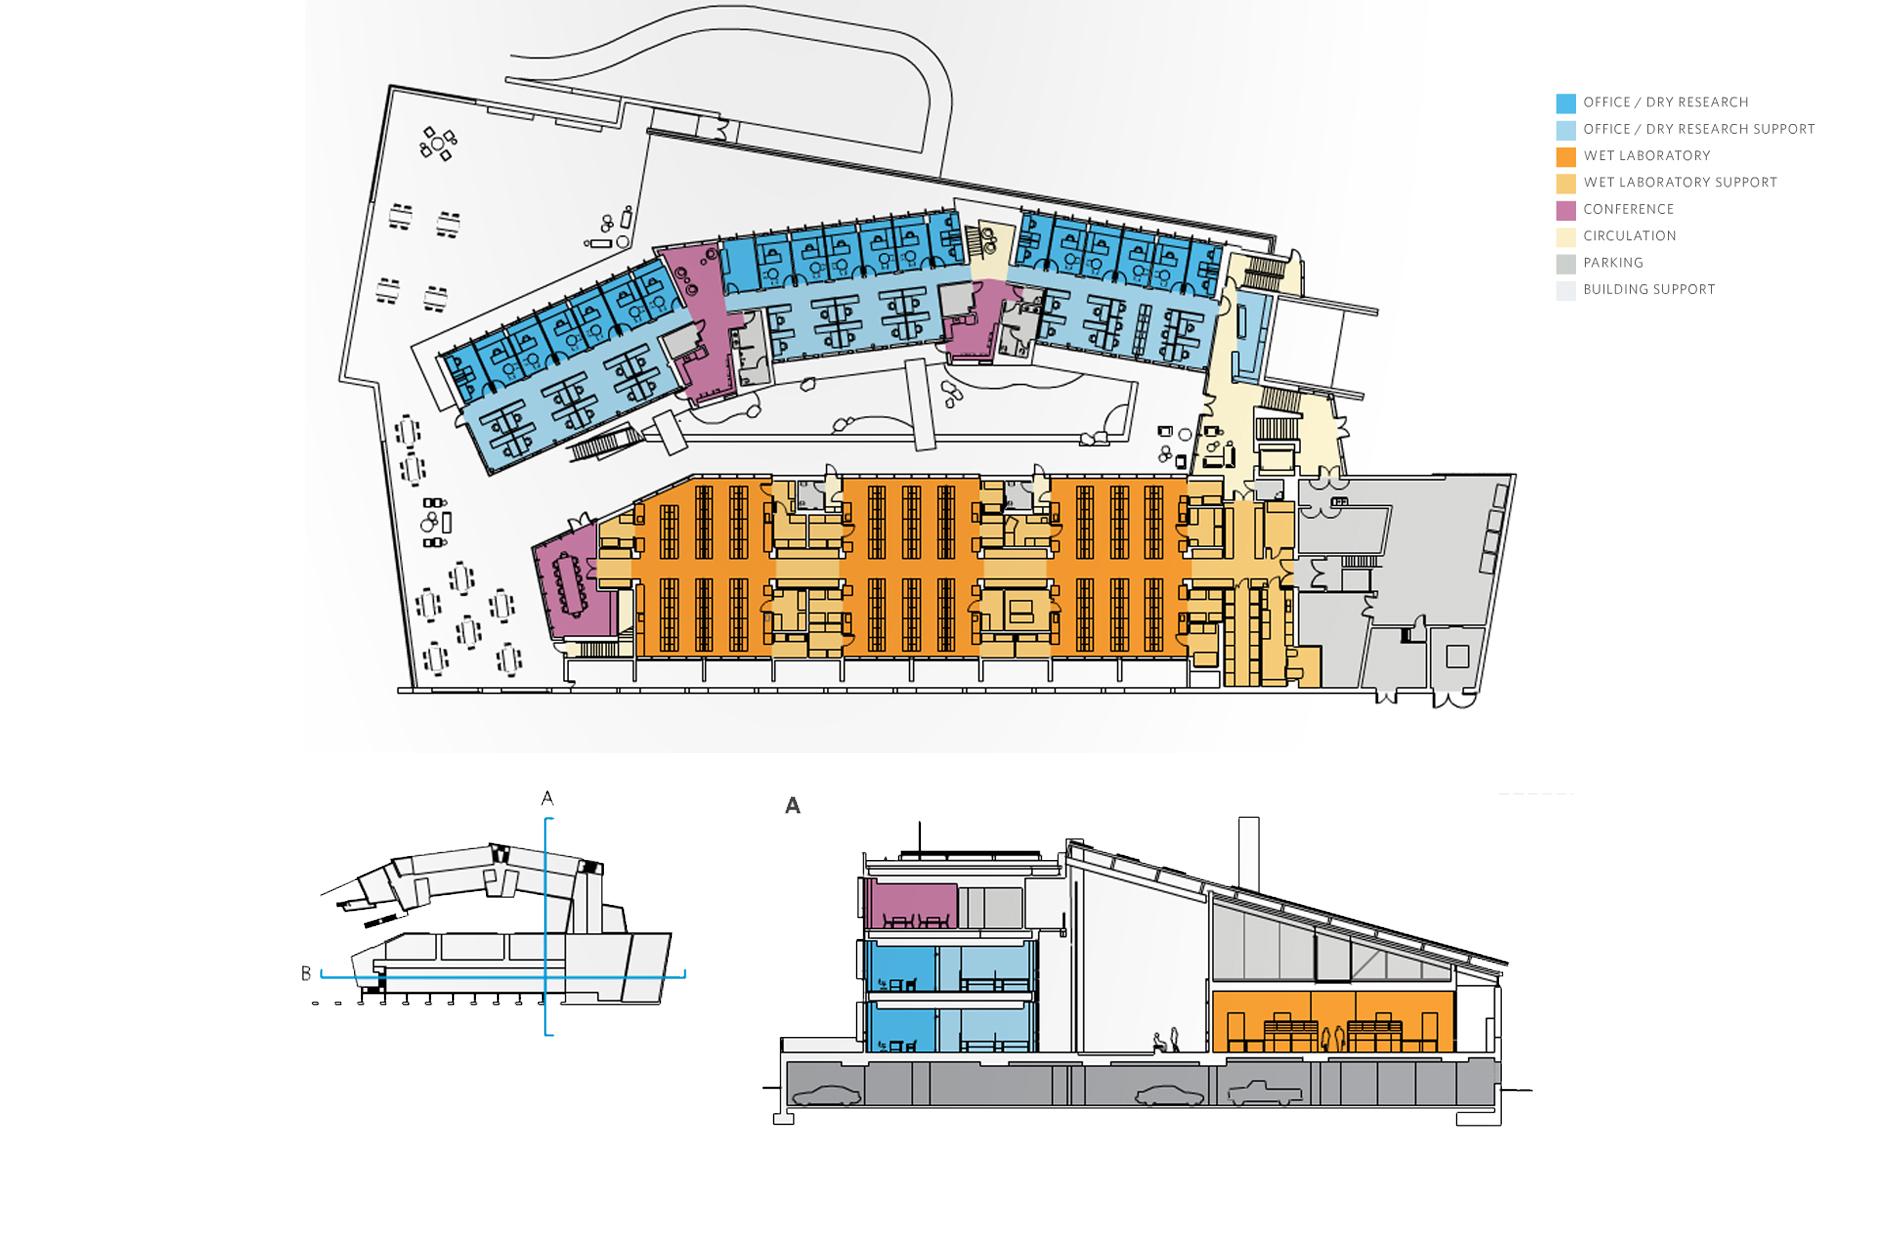 Thumbnail J.Craig Venter Institute / 7